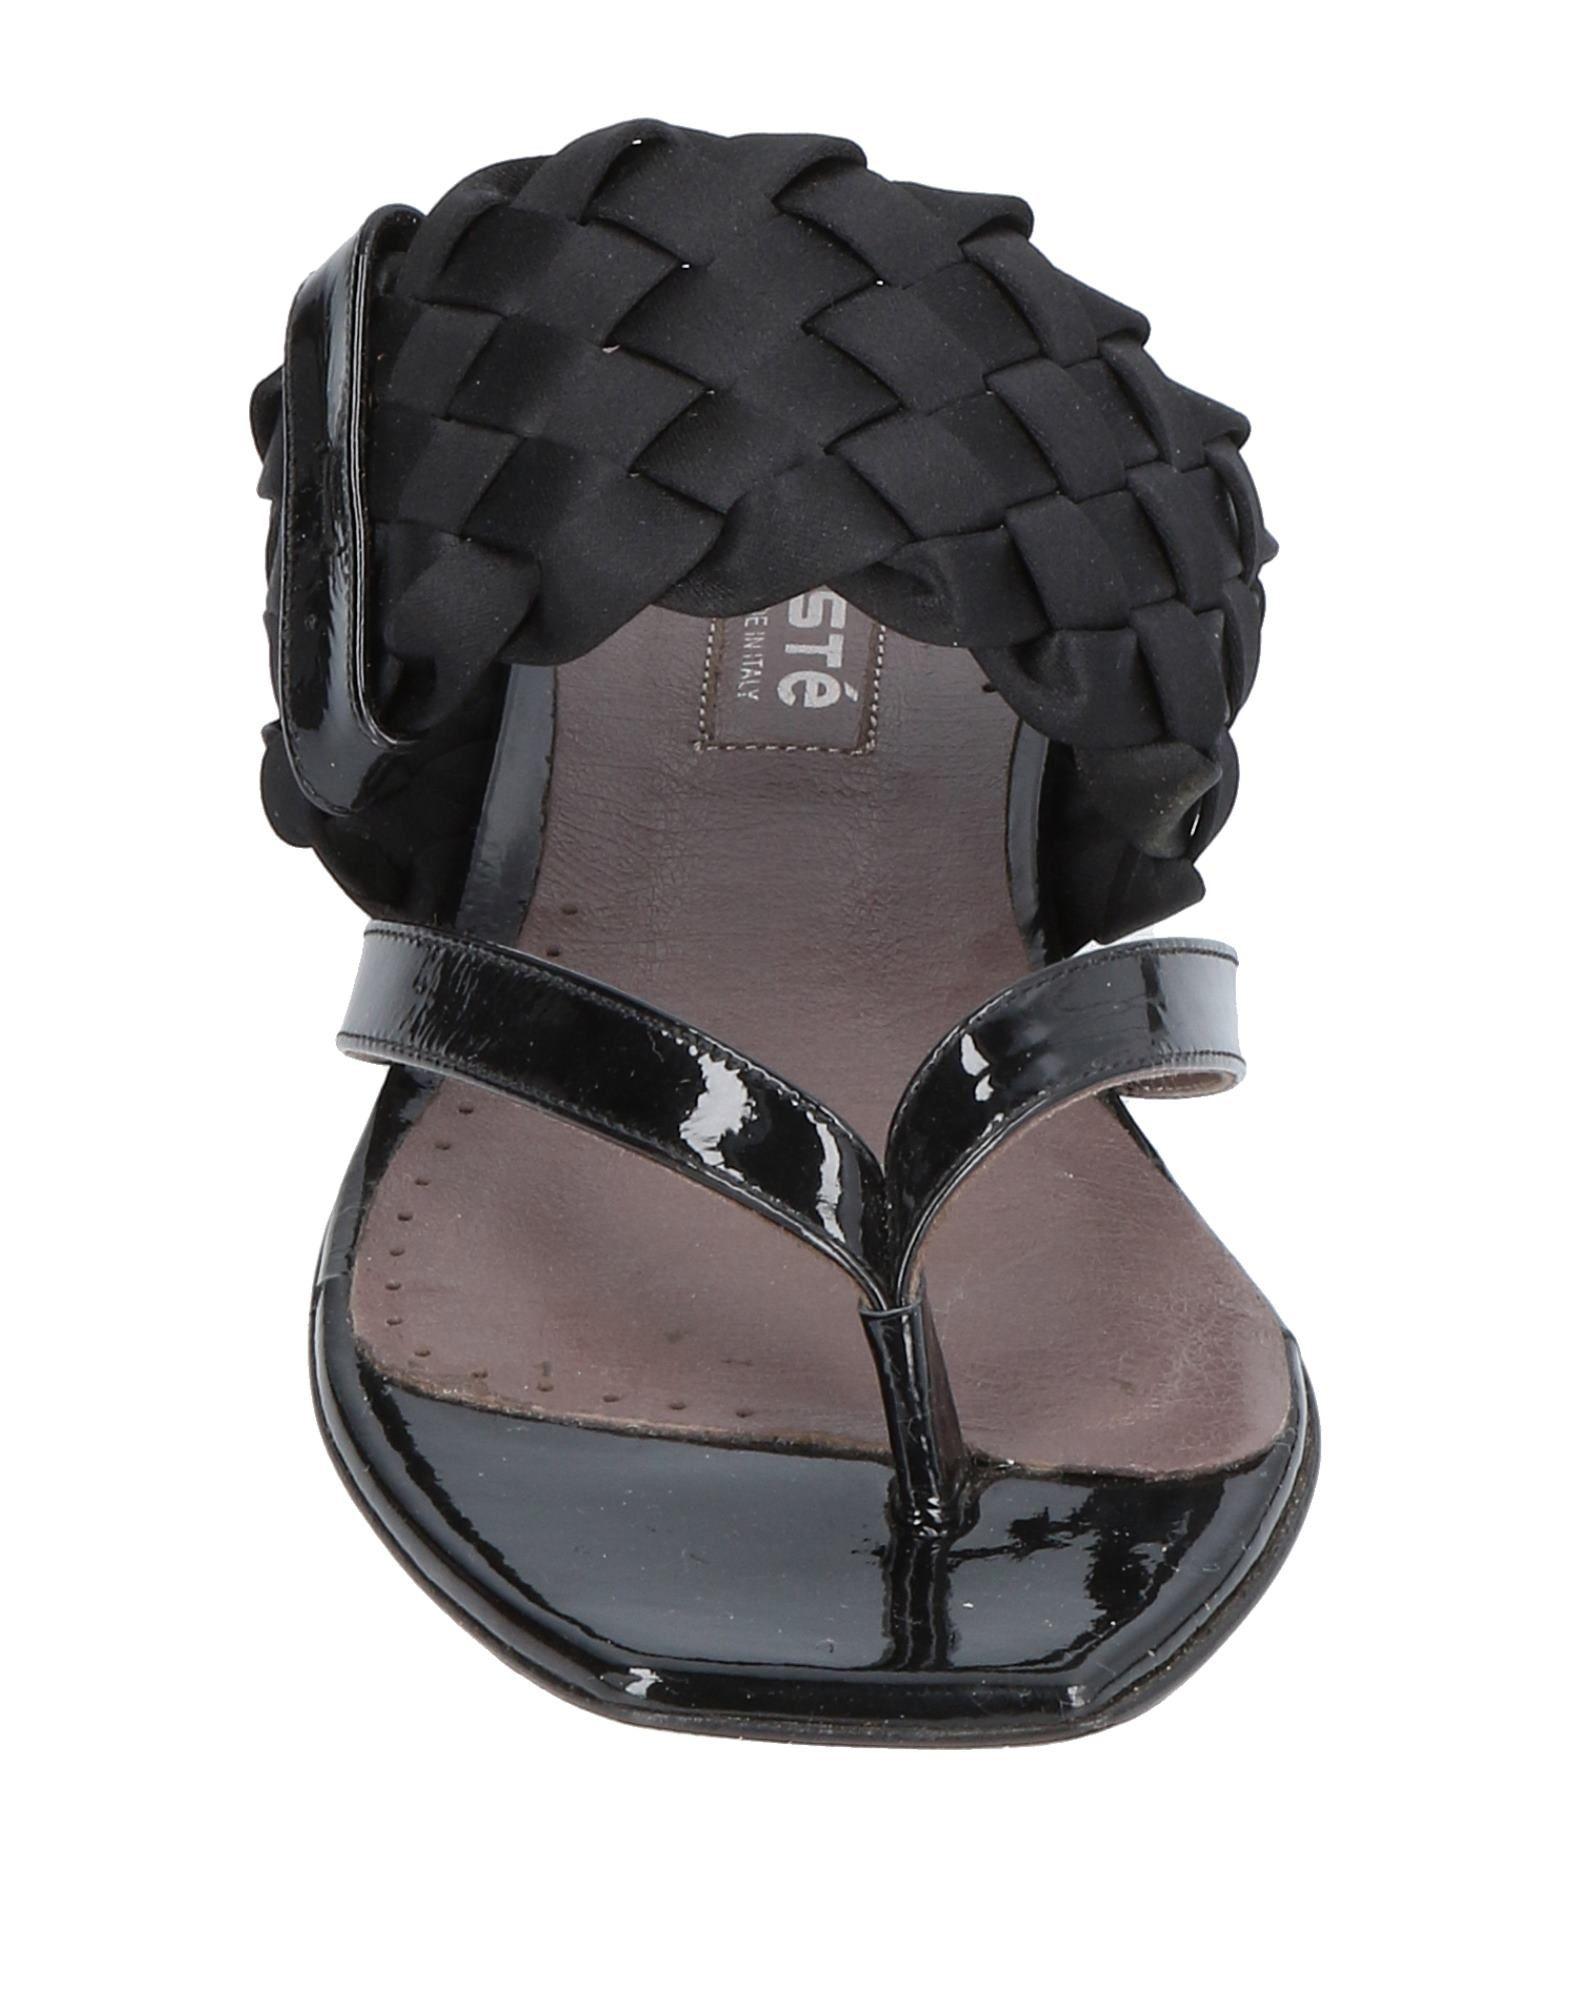 Kallistè 11467579KD Dianetten Damen  11467579KD Kallistè Gute Qualität beliebte Schuhe d55bb0